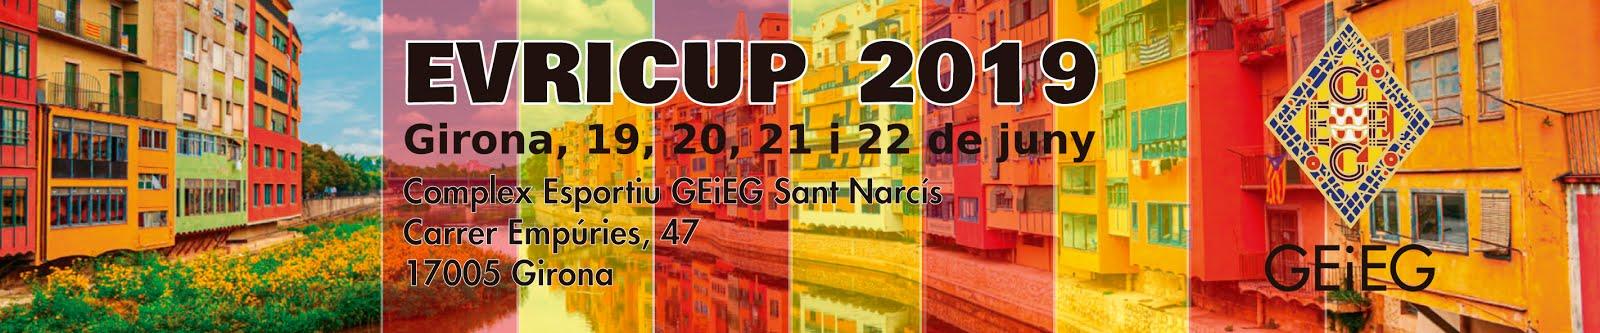 Evri Cup 2019